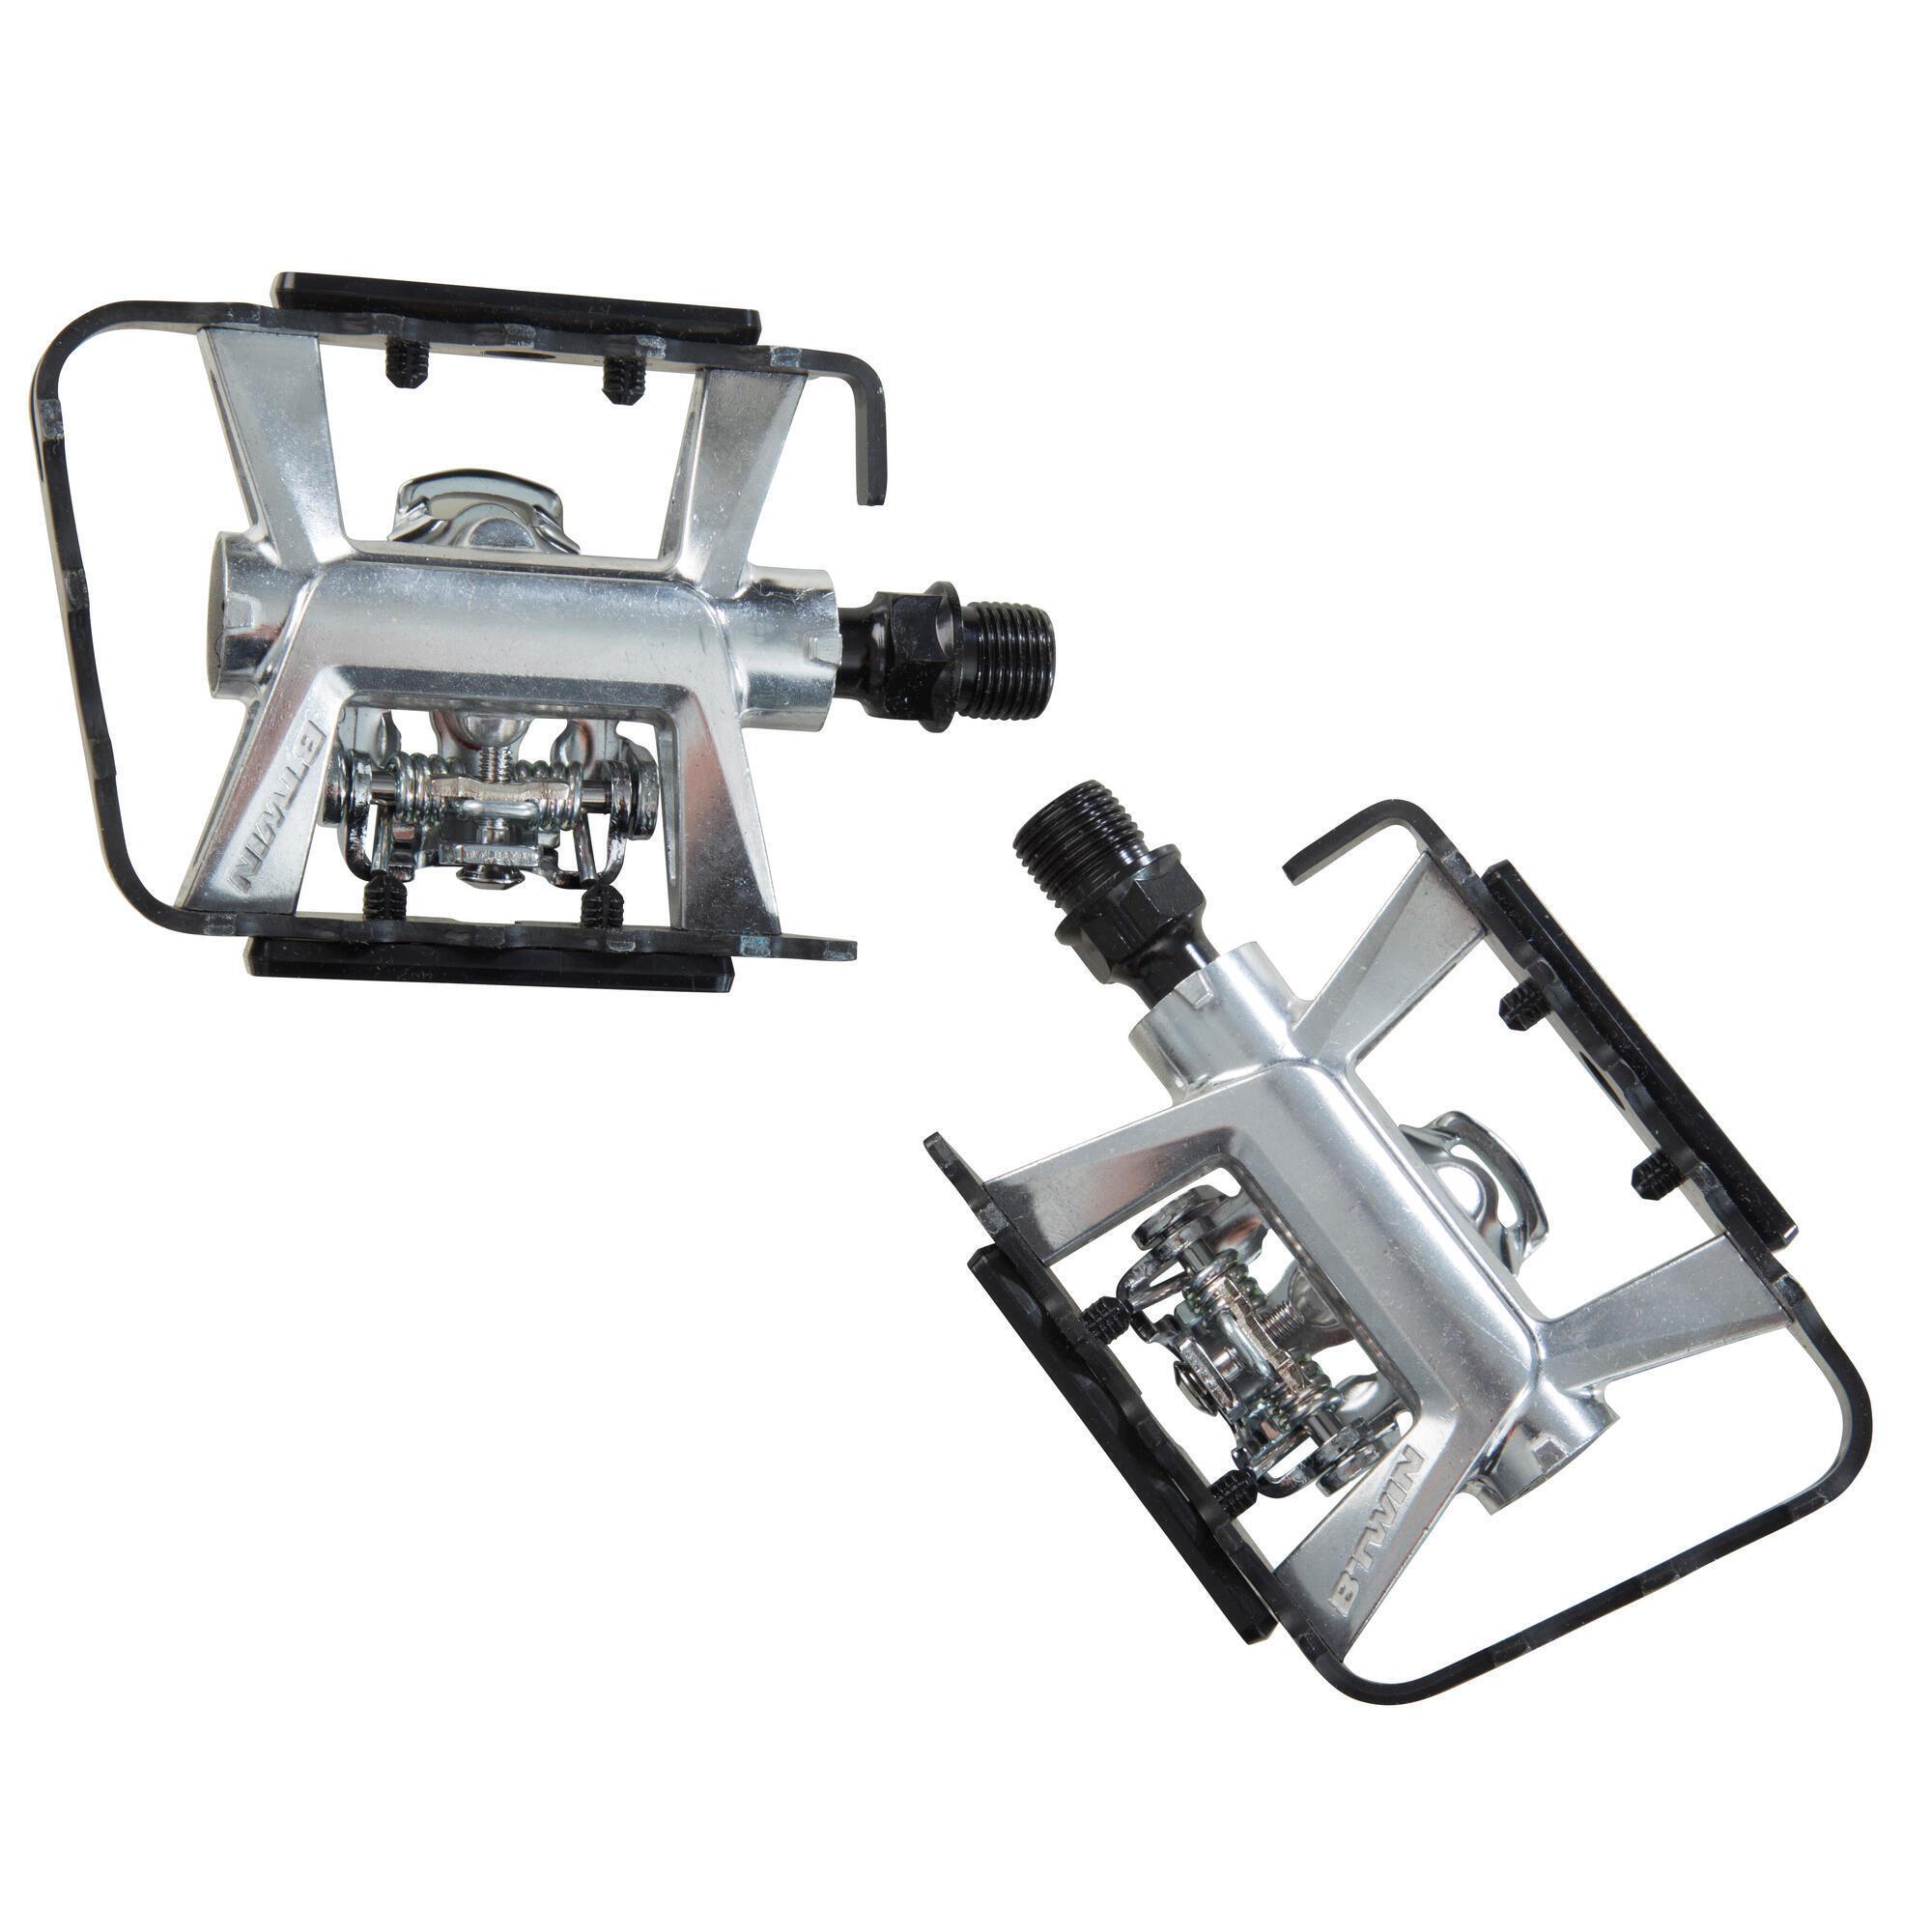 b 39 twin pedales vtt semi automatiques 500 compatibles shimano spd decathlon. Black Bedroom Furniture Sets. Home Design Ideas